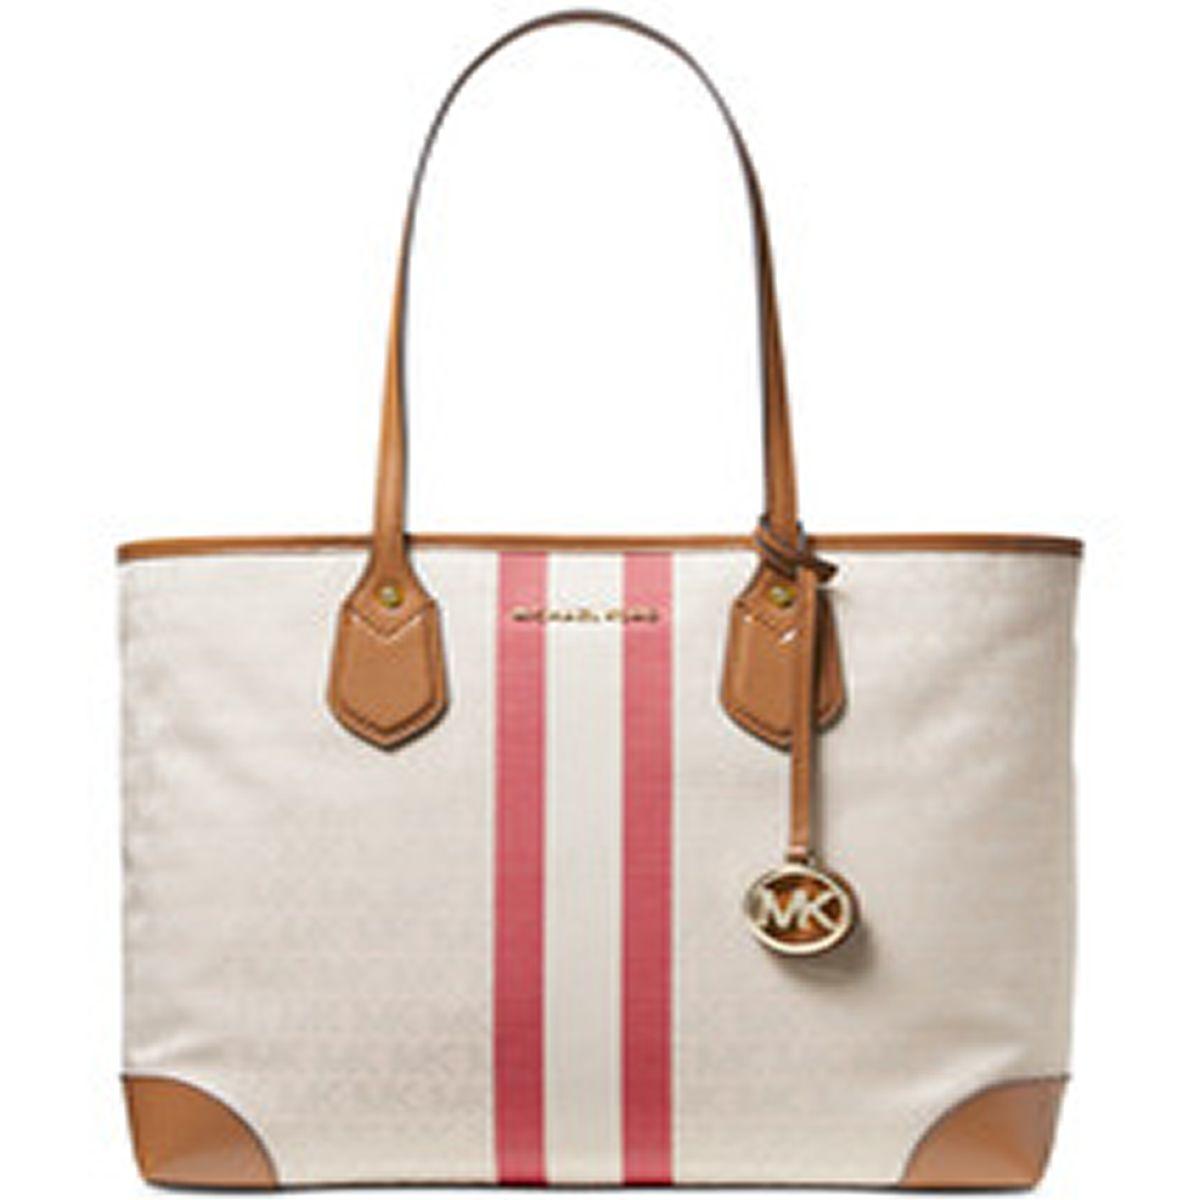 c39077497e5b Michael Kors Tote Bags - Macy s